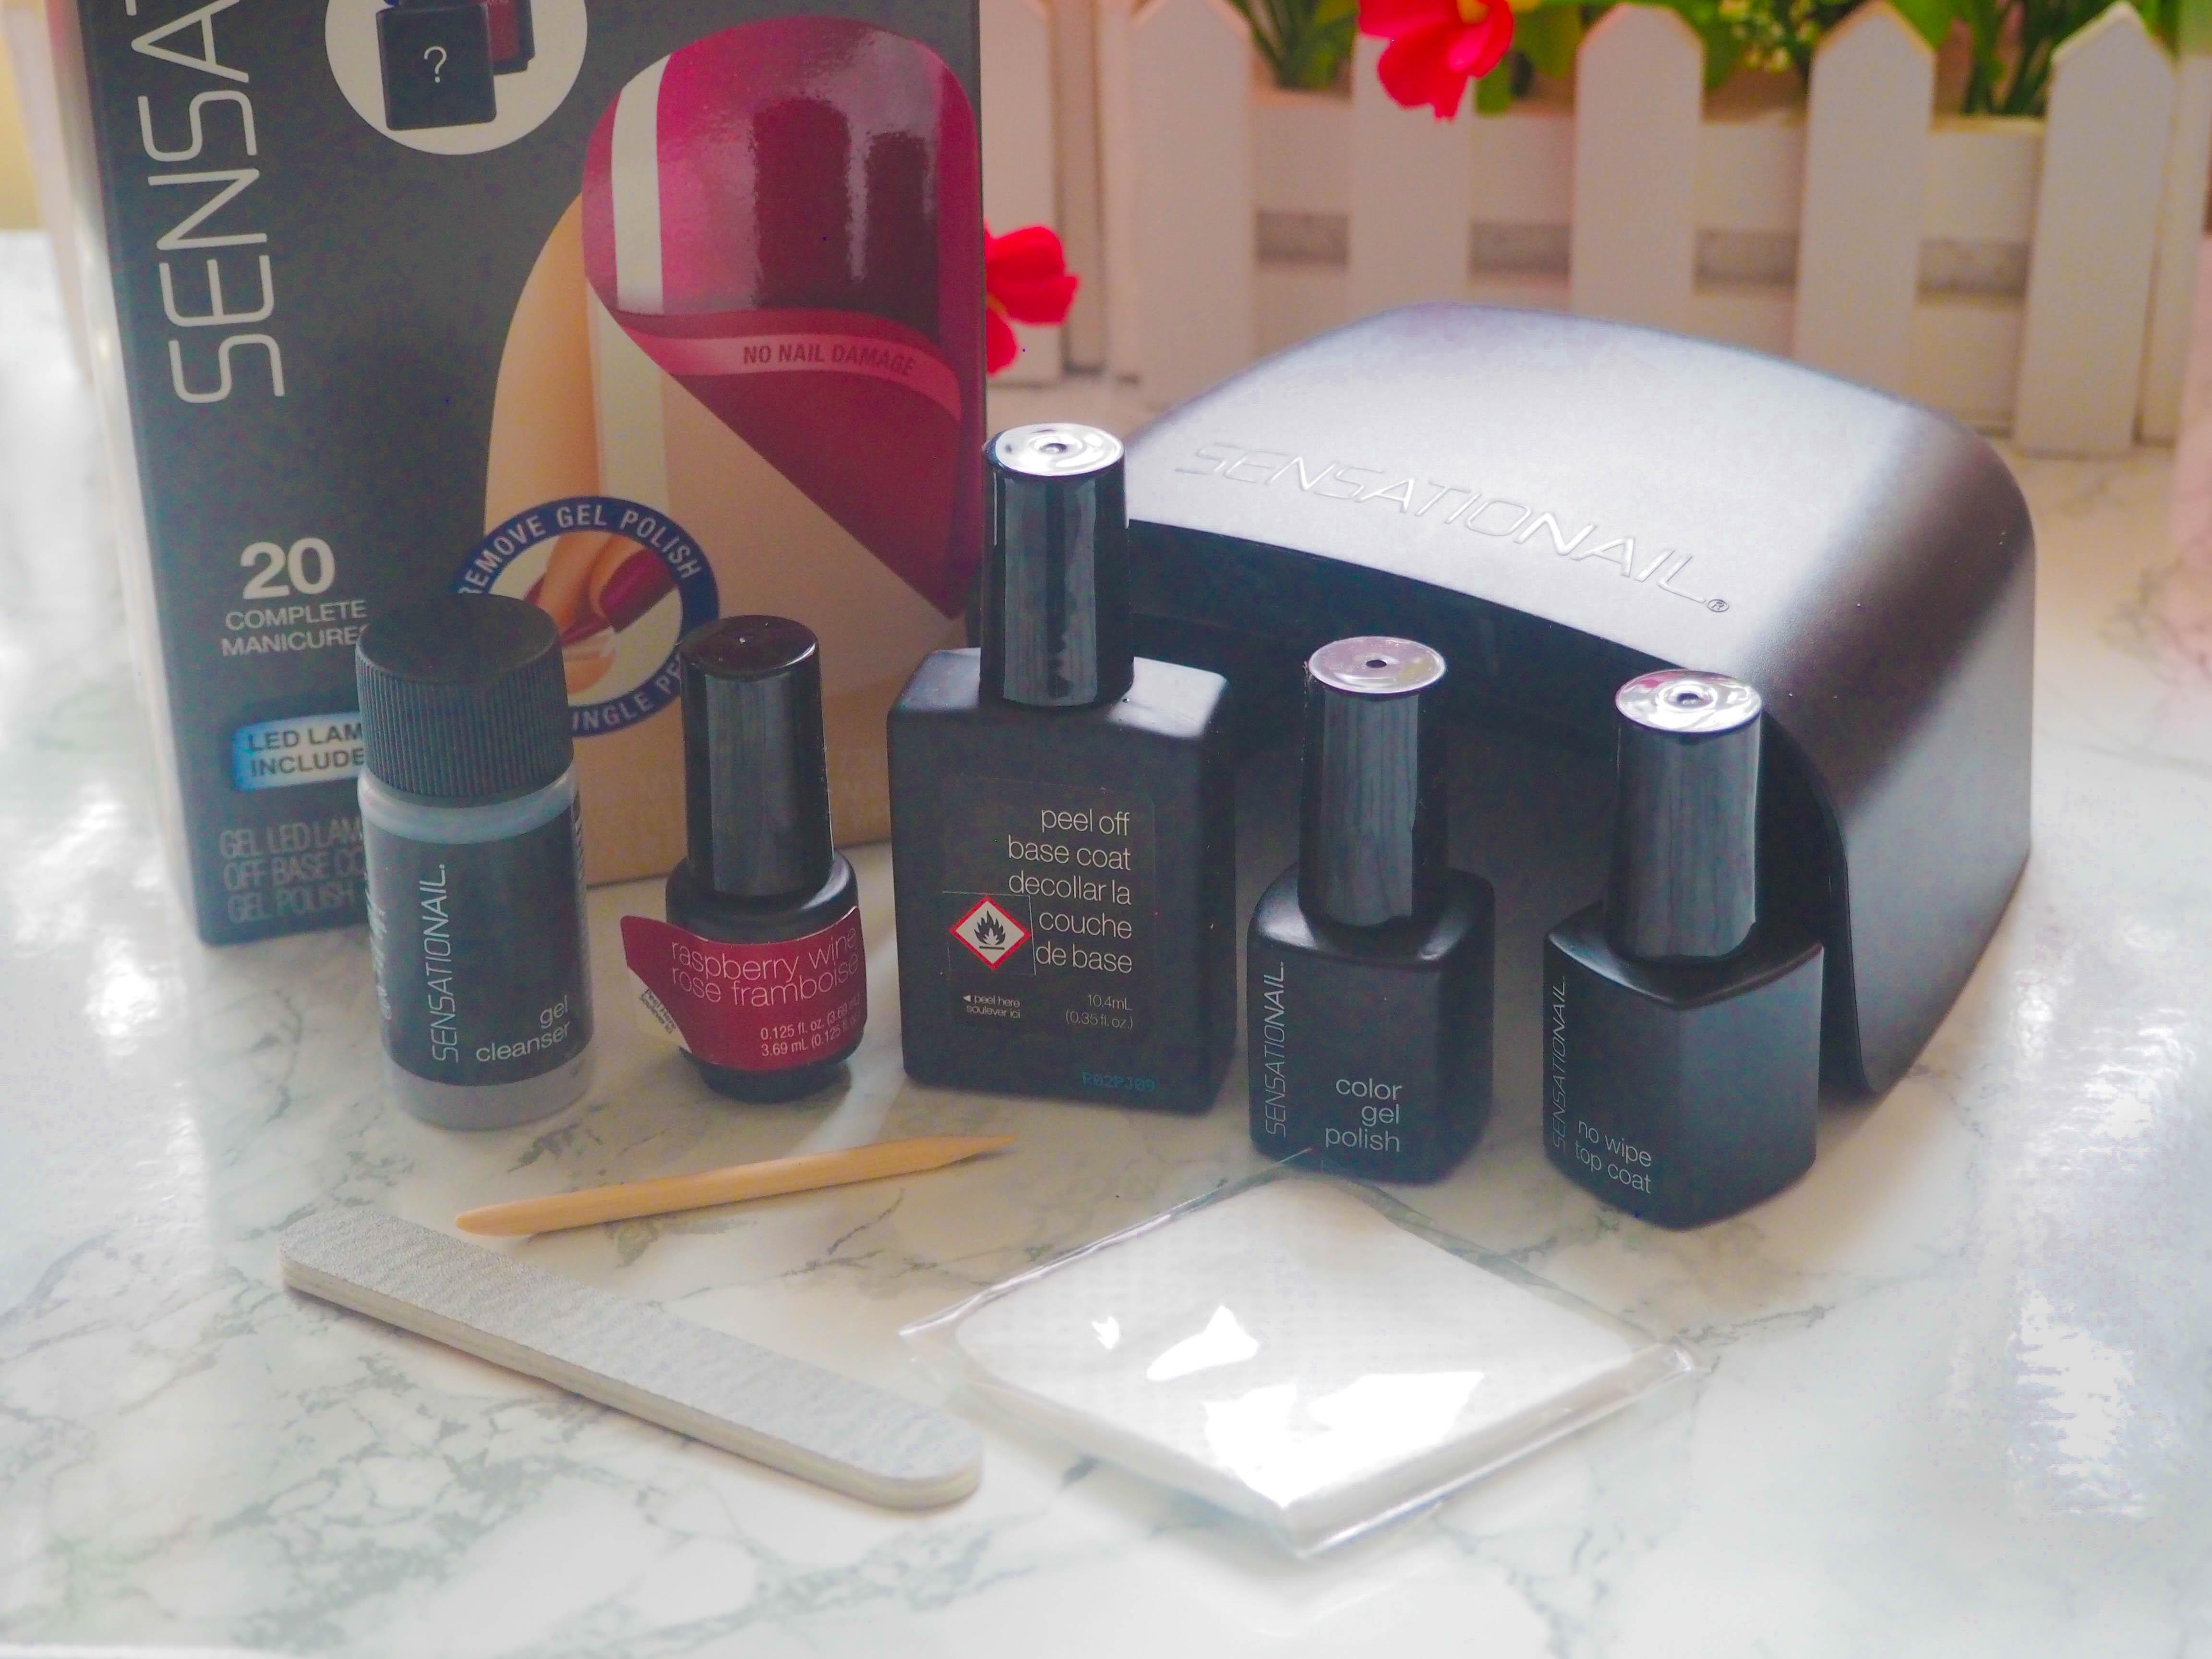 Sensationail Stripgel Peel Off Base Coat Review Beauty Geek Uk